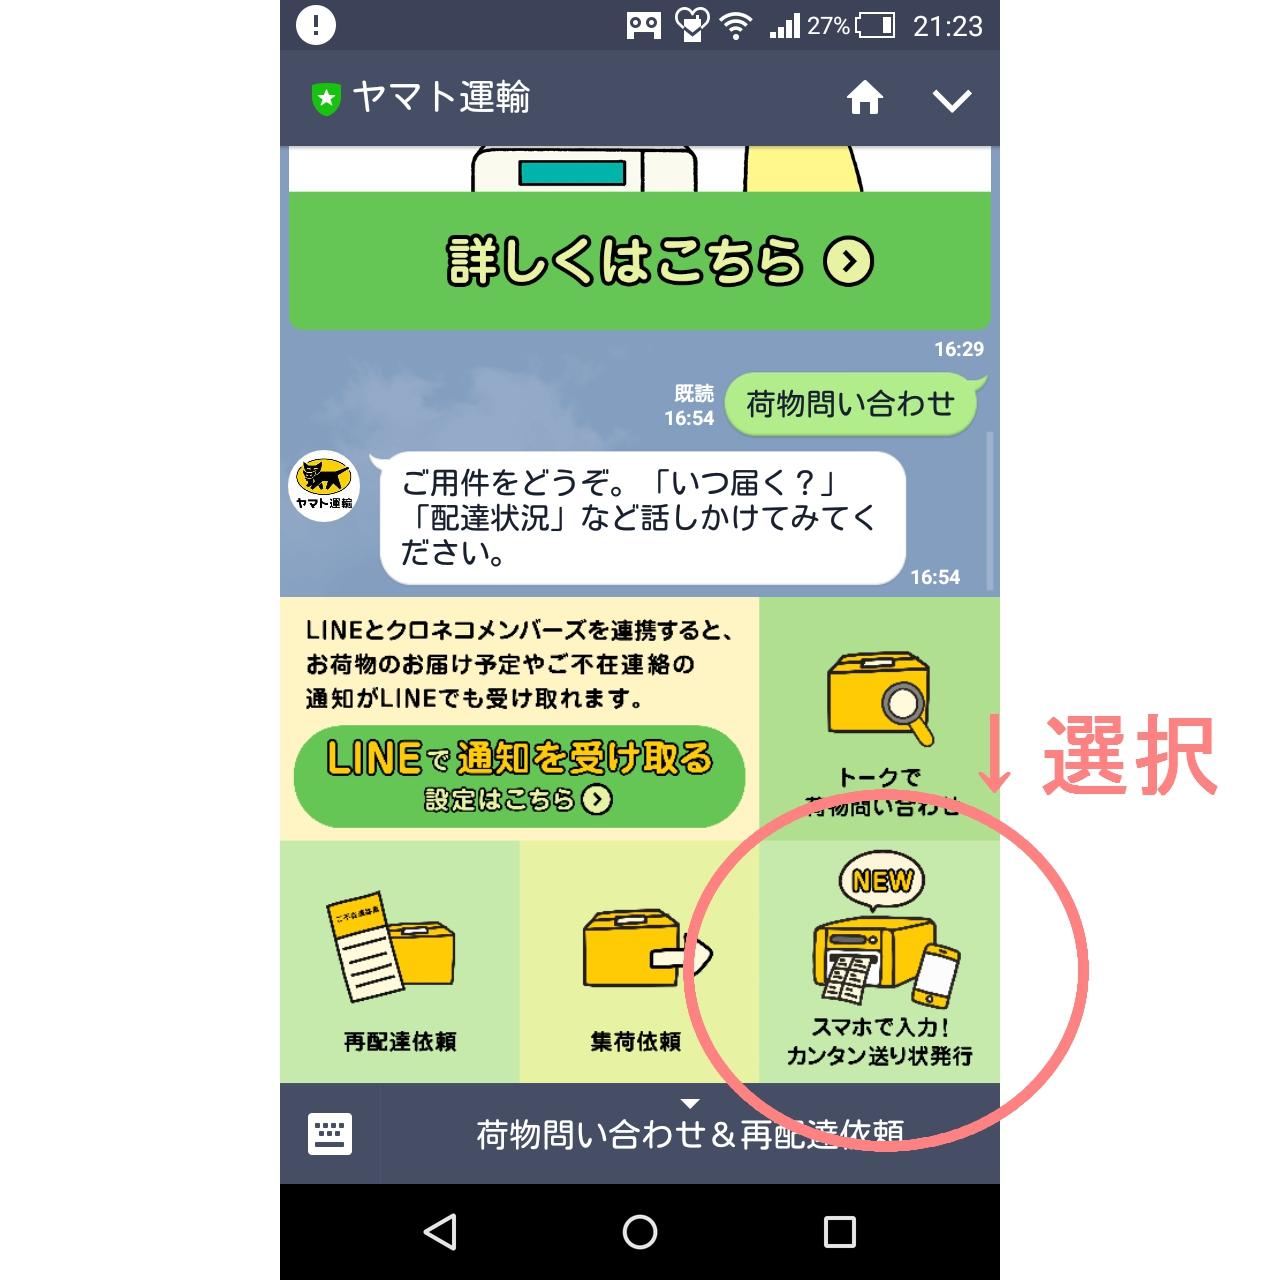 screenshot_2016-09-09-21-23-48q